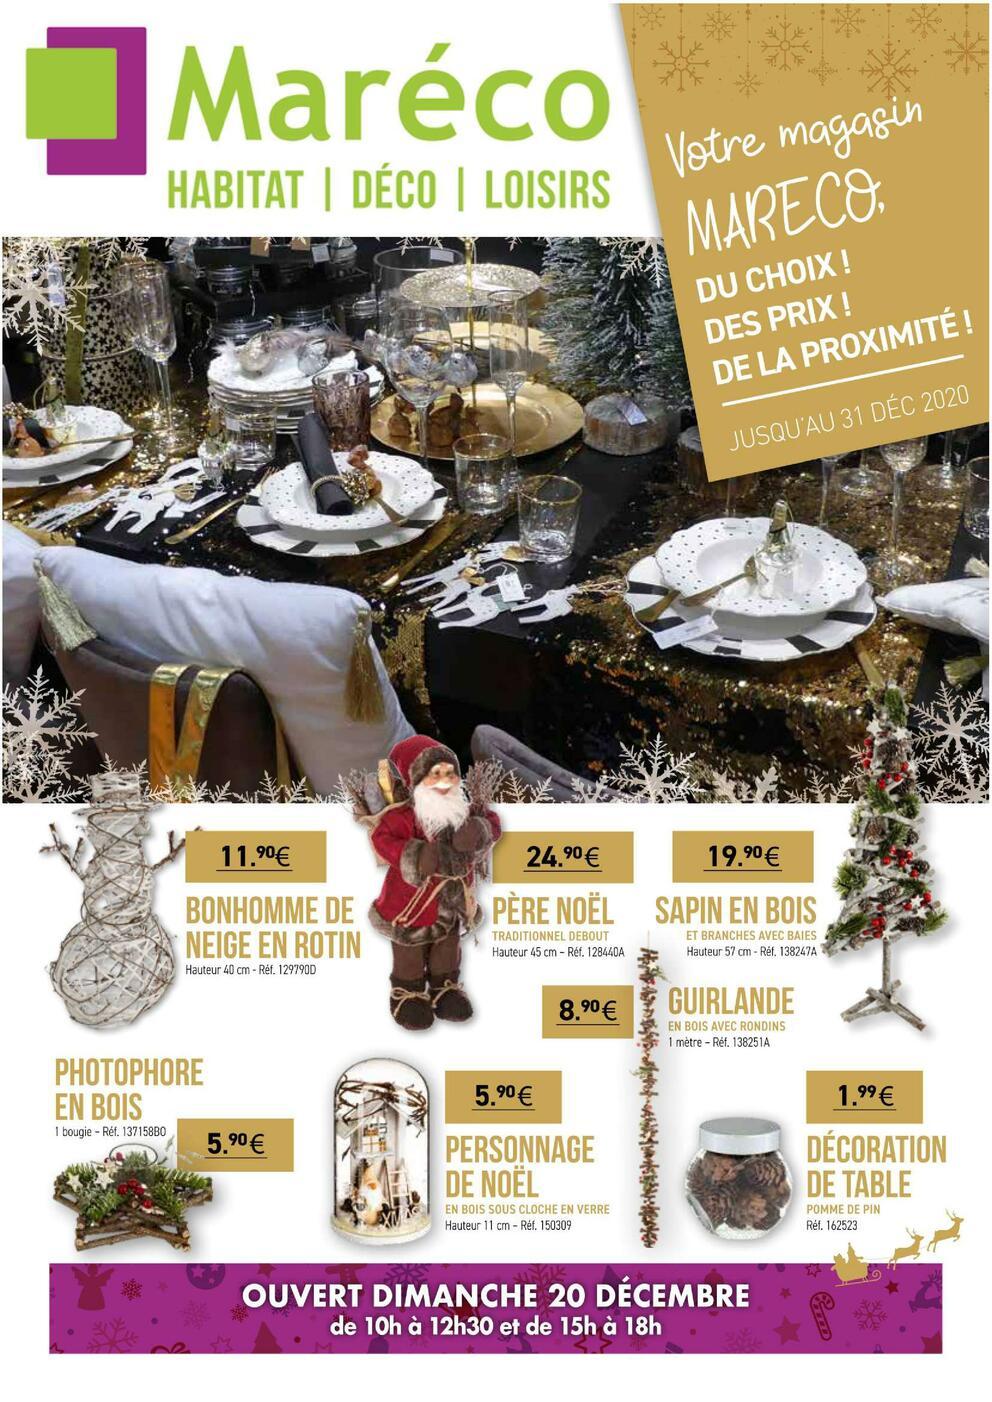 Calalogue de Noel et Fetes - Maréco à Sarzeau